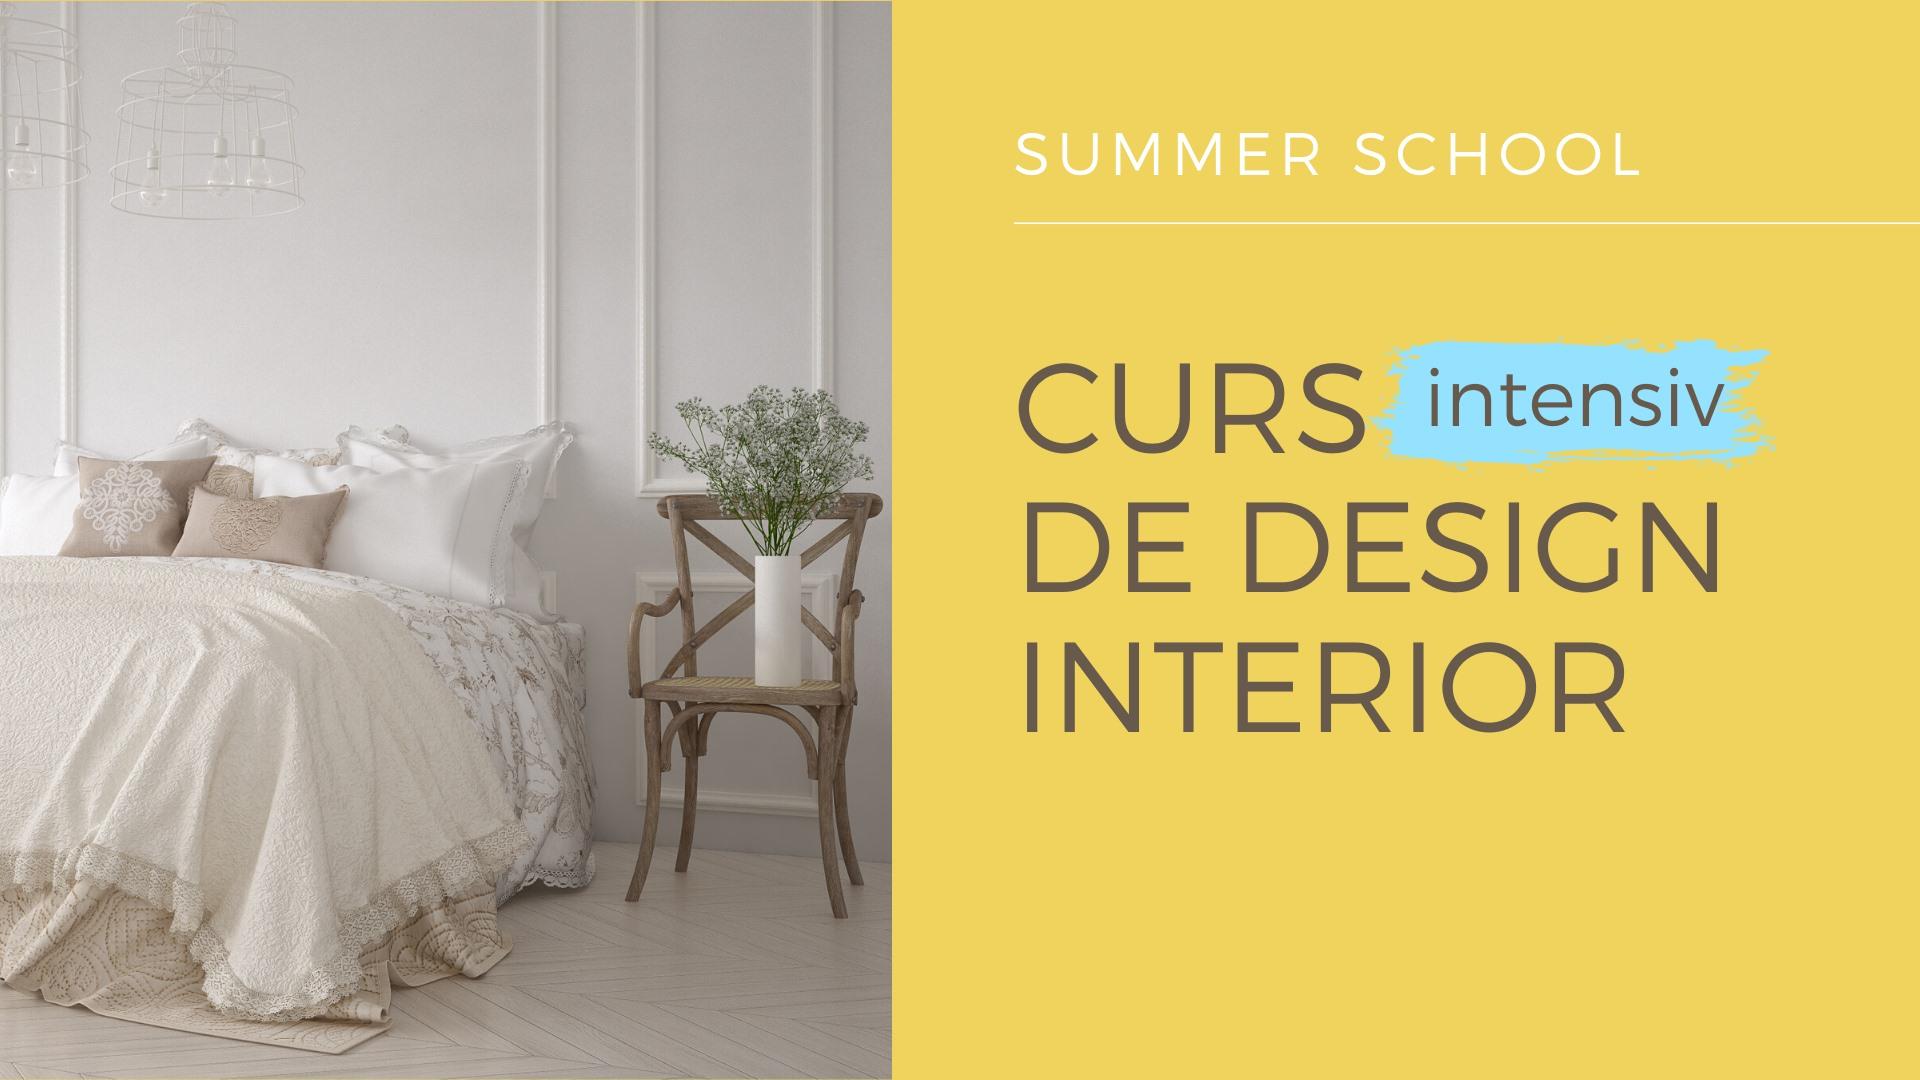 Curs intensiv Design Interior